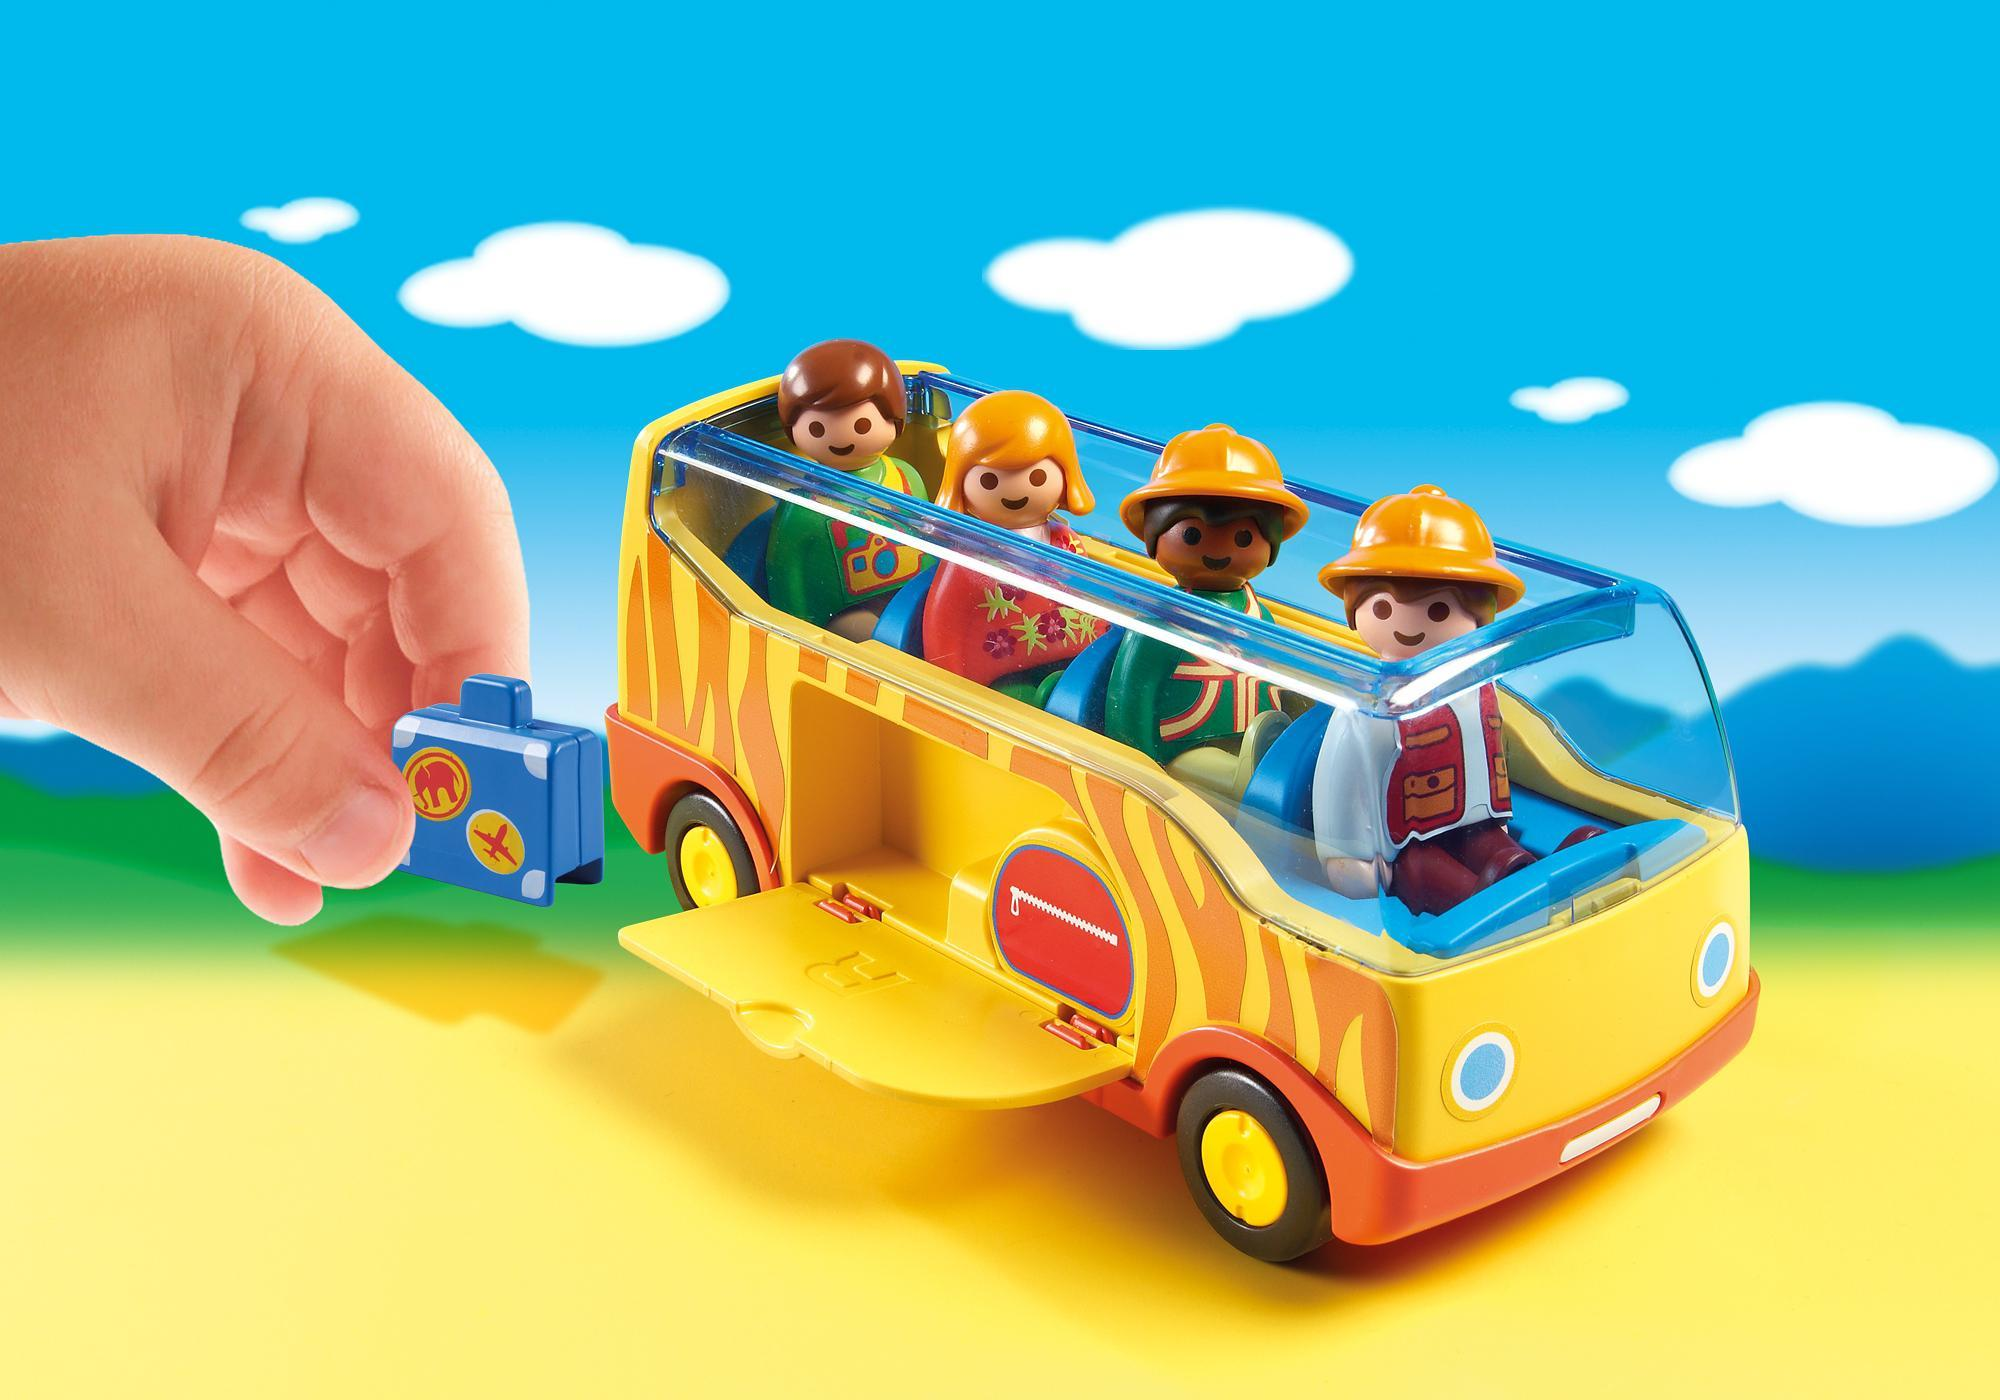 http://media.playmobil.com/i/playmobil/5047_product_extra1/Large African Safari